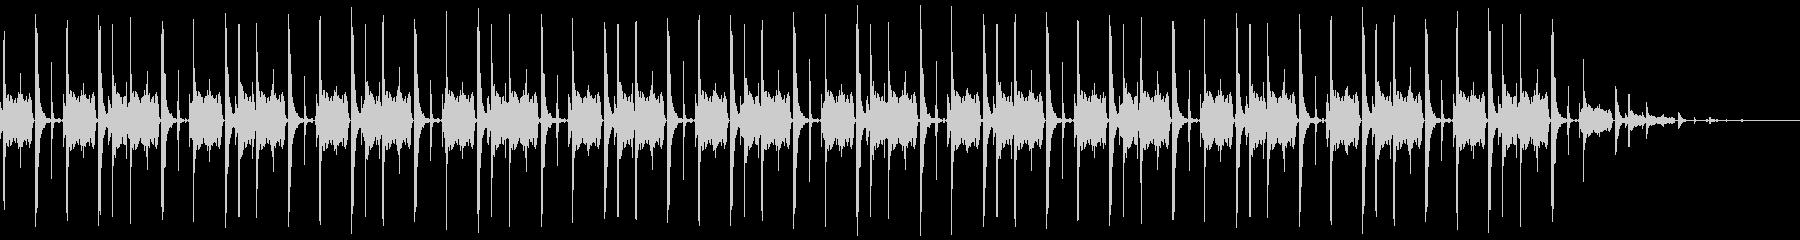 機械音のリフレインの未再生の波形